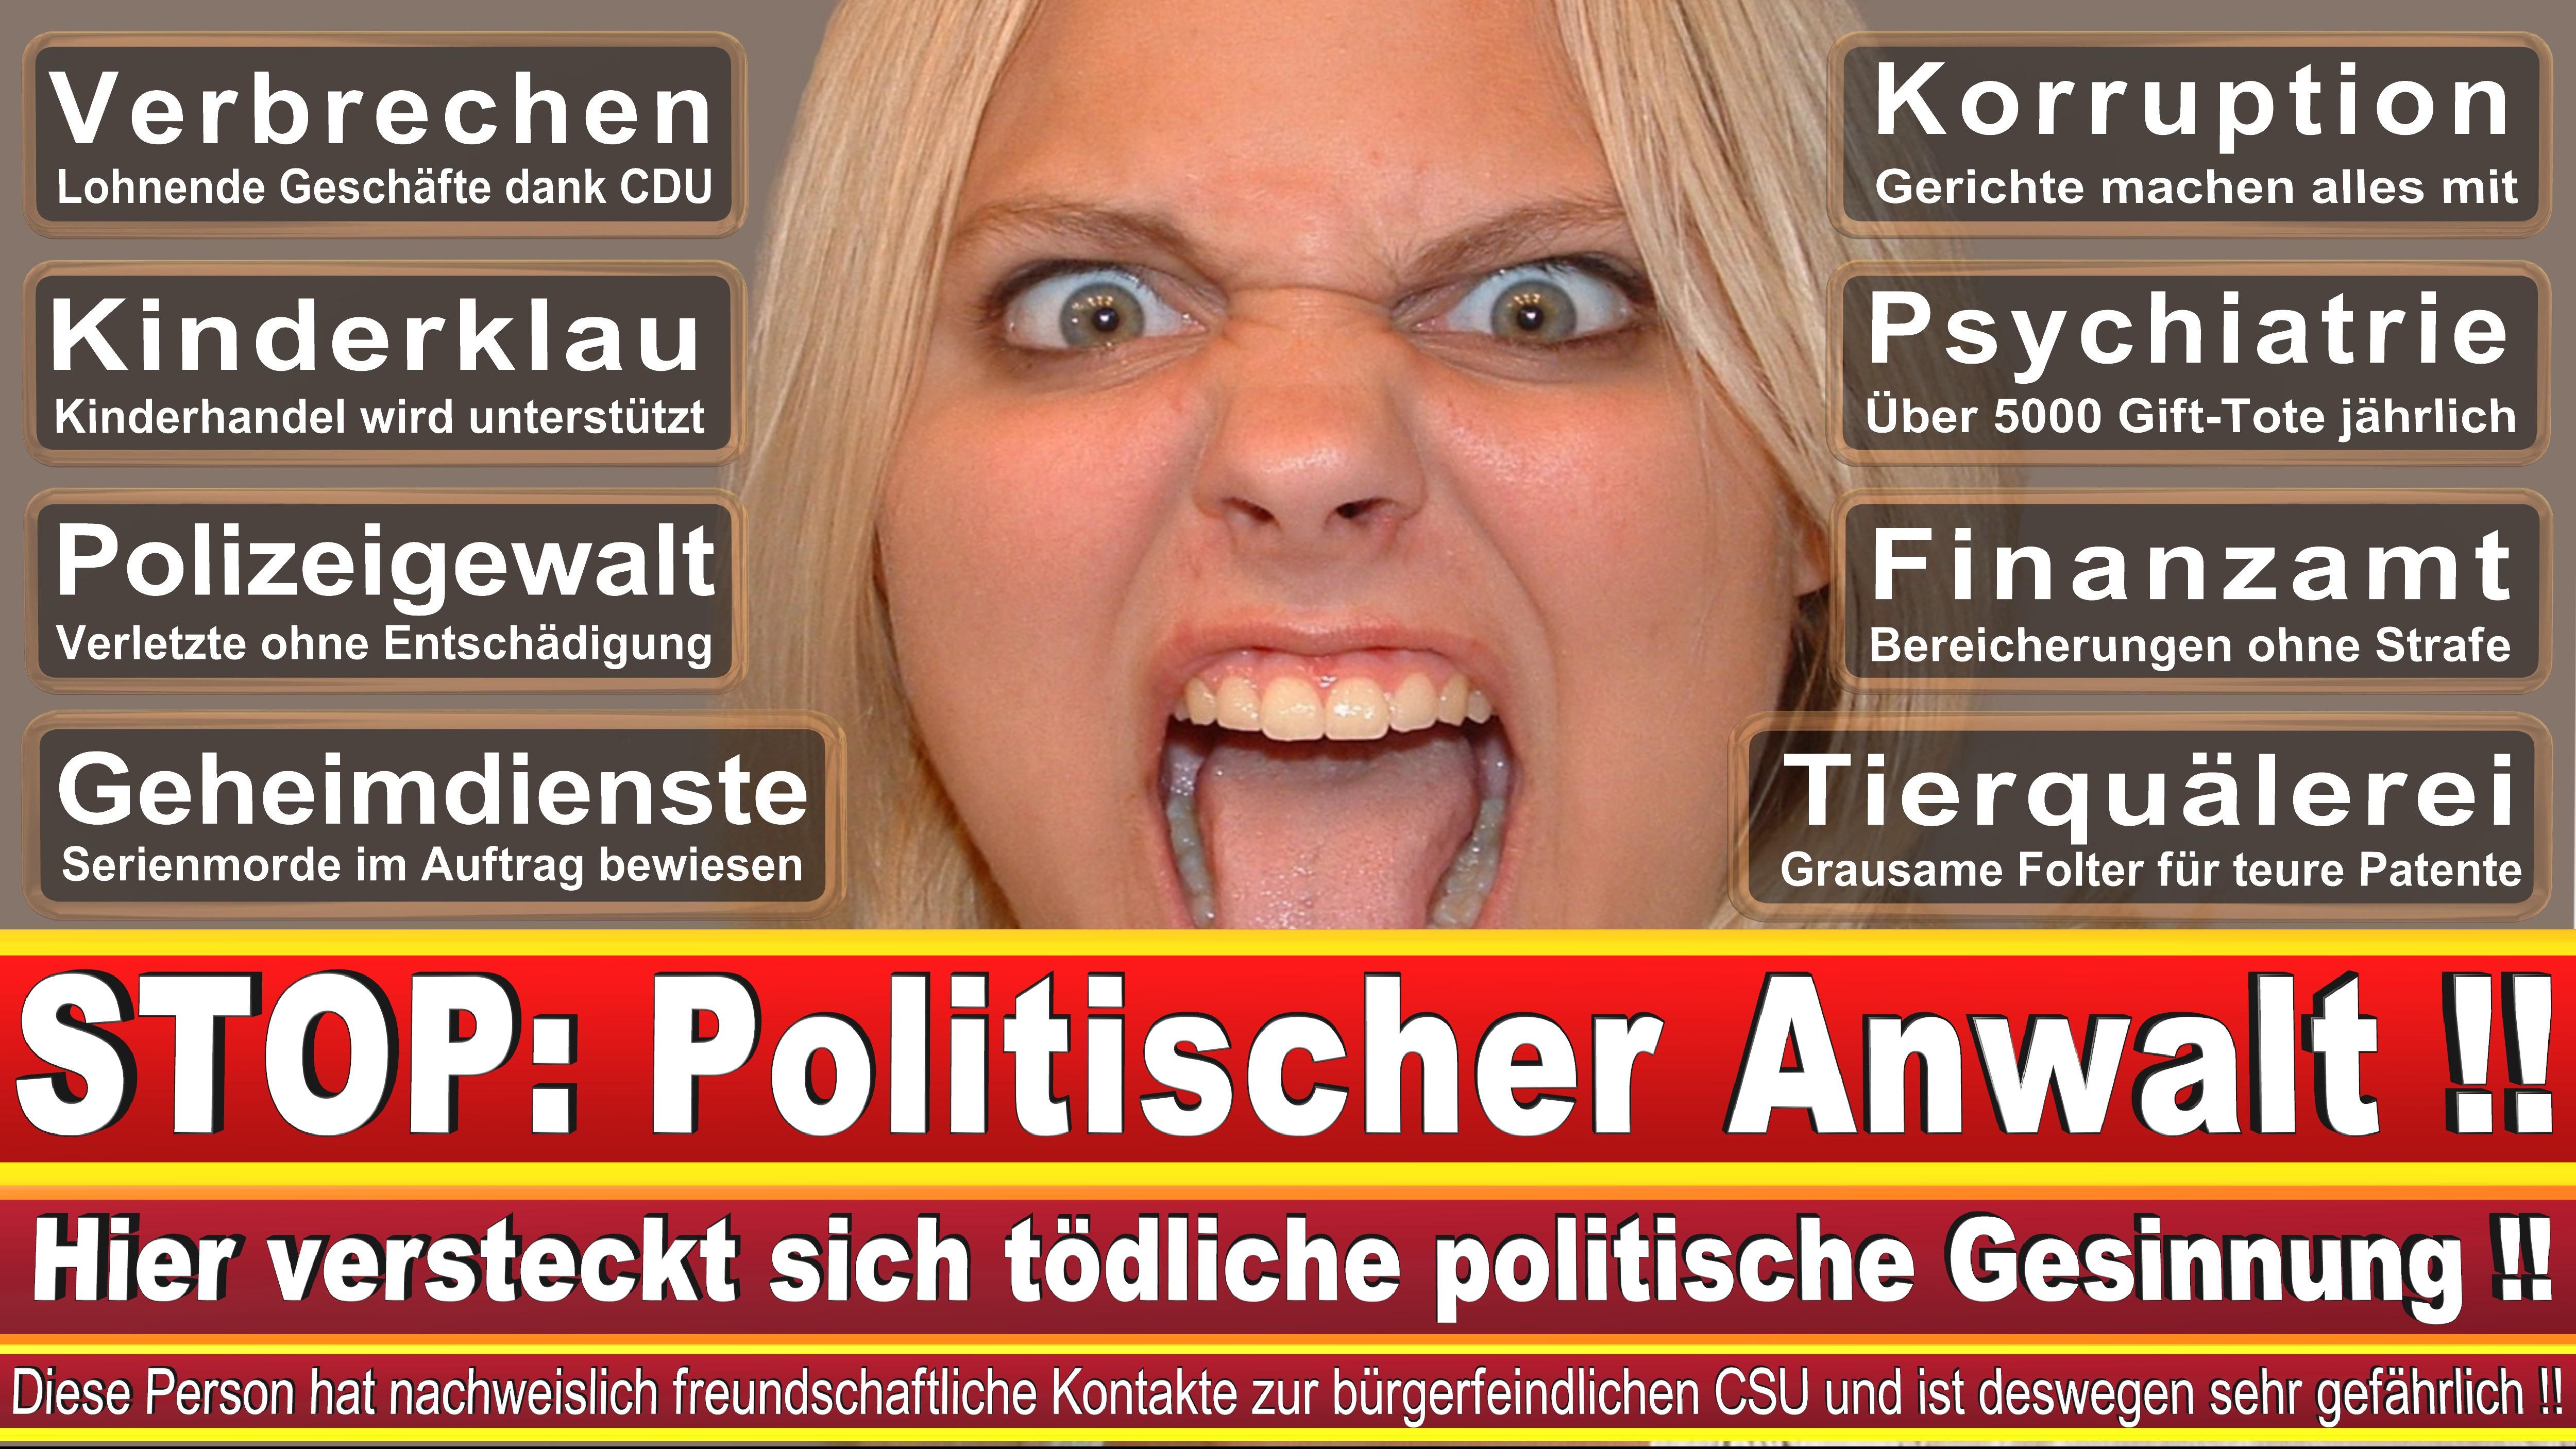 Rechtsanwalt Nicklas Michael Zielen Battenberg Eder Rechtsanwalt KanzLex Rechtsanwälte Ammenwerth Krummel 1